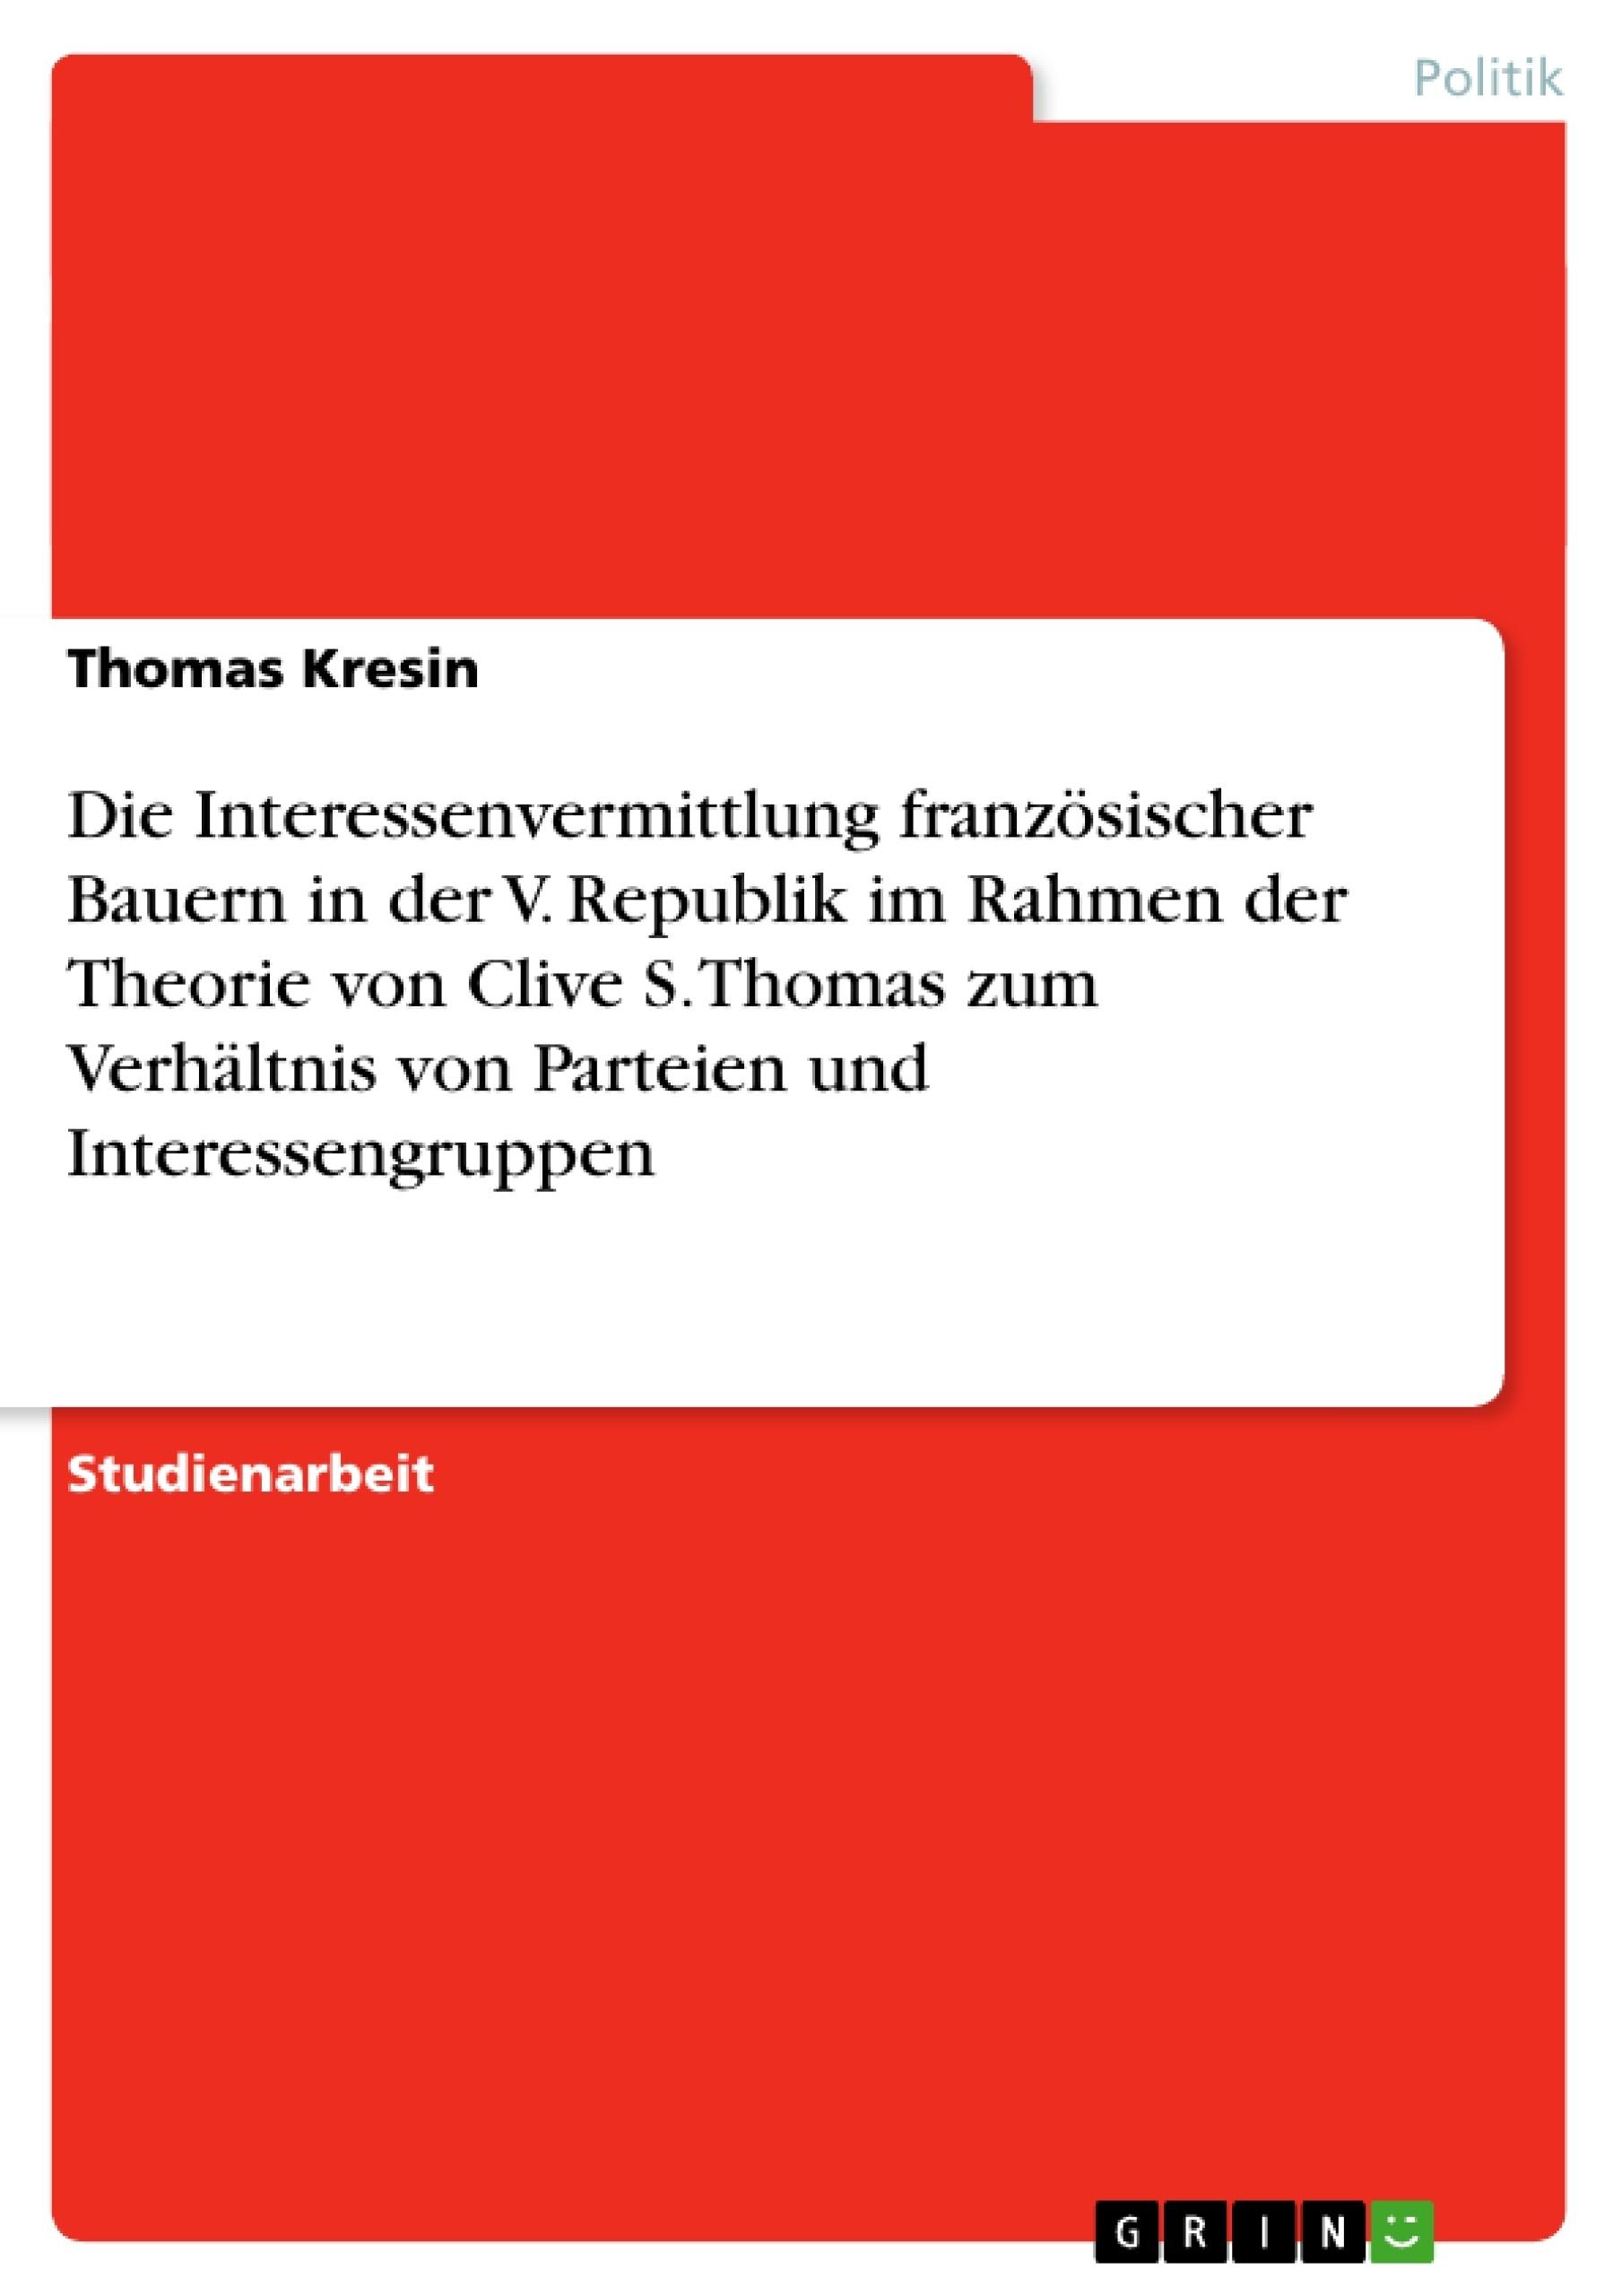 Titel: Die Interessenvermittlung französischer Bauern in der V. Republik im Rahmen der Theorie von Clive S. Thomas zum Verhältnis von Parteien und Interessengruppen